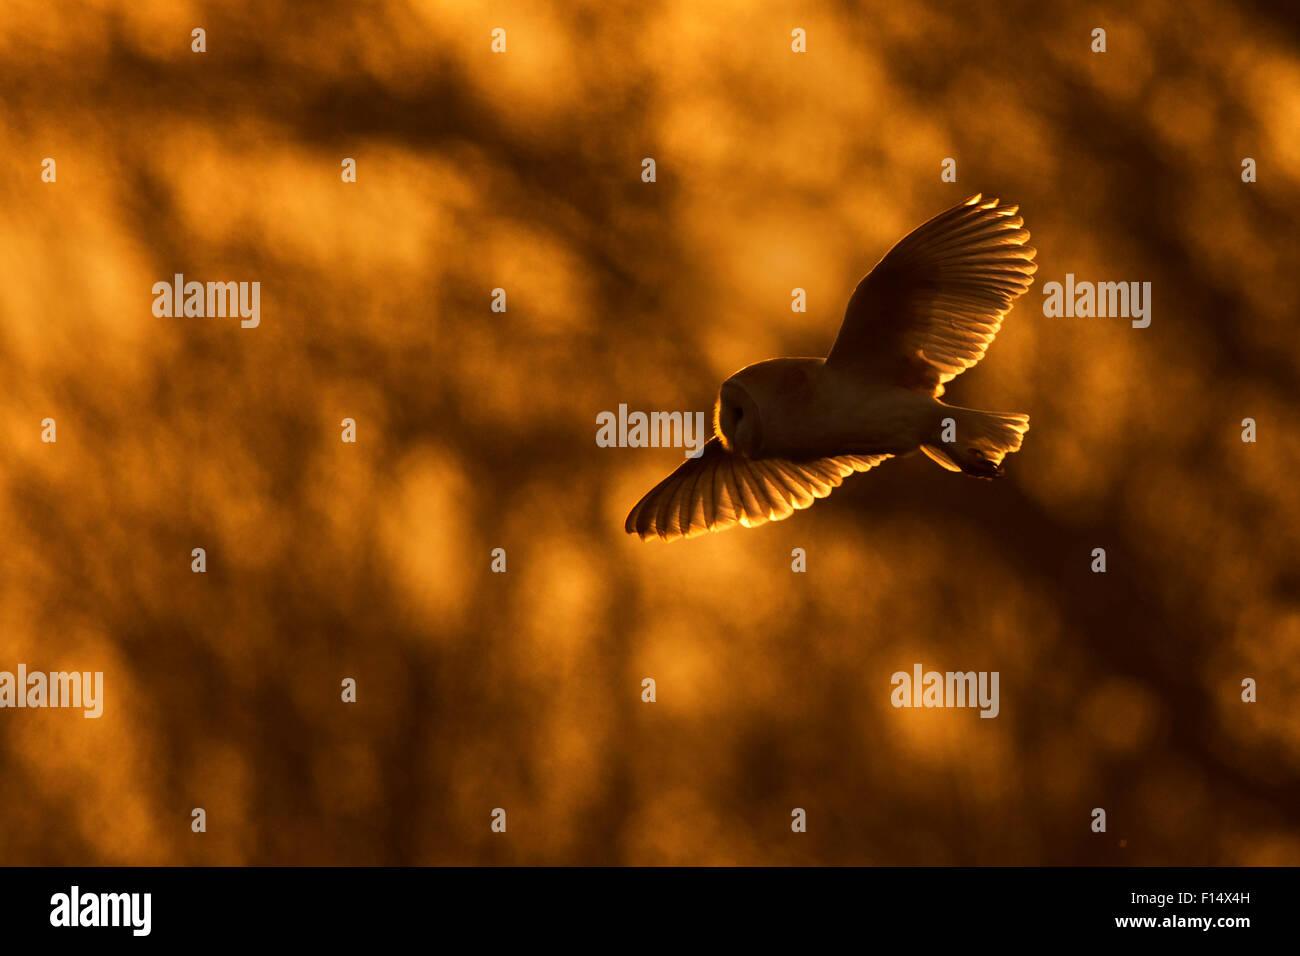 Lechuza de Campanario (Tyto alba) en vuelo al atardecer, REINO UNIDO, Marzo. Imagen De Stock